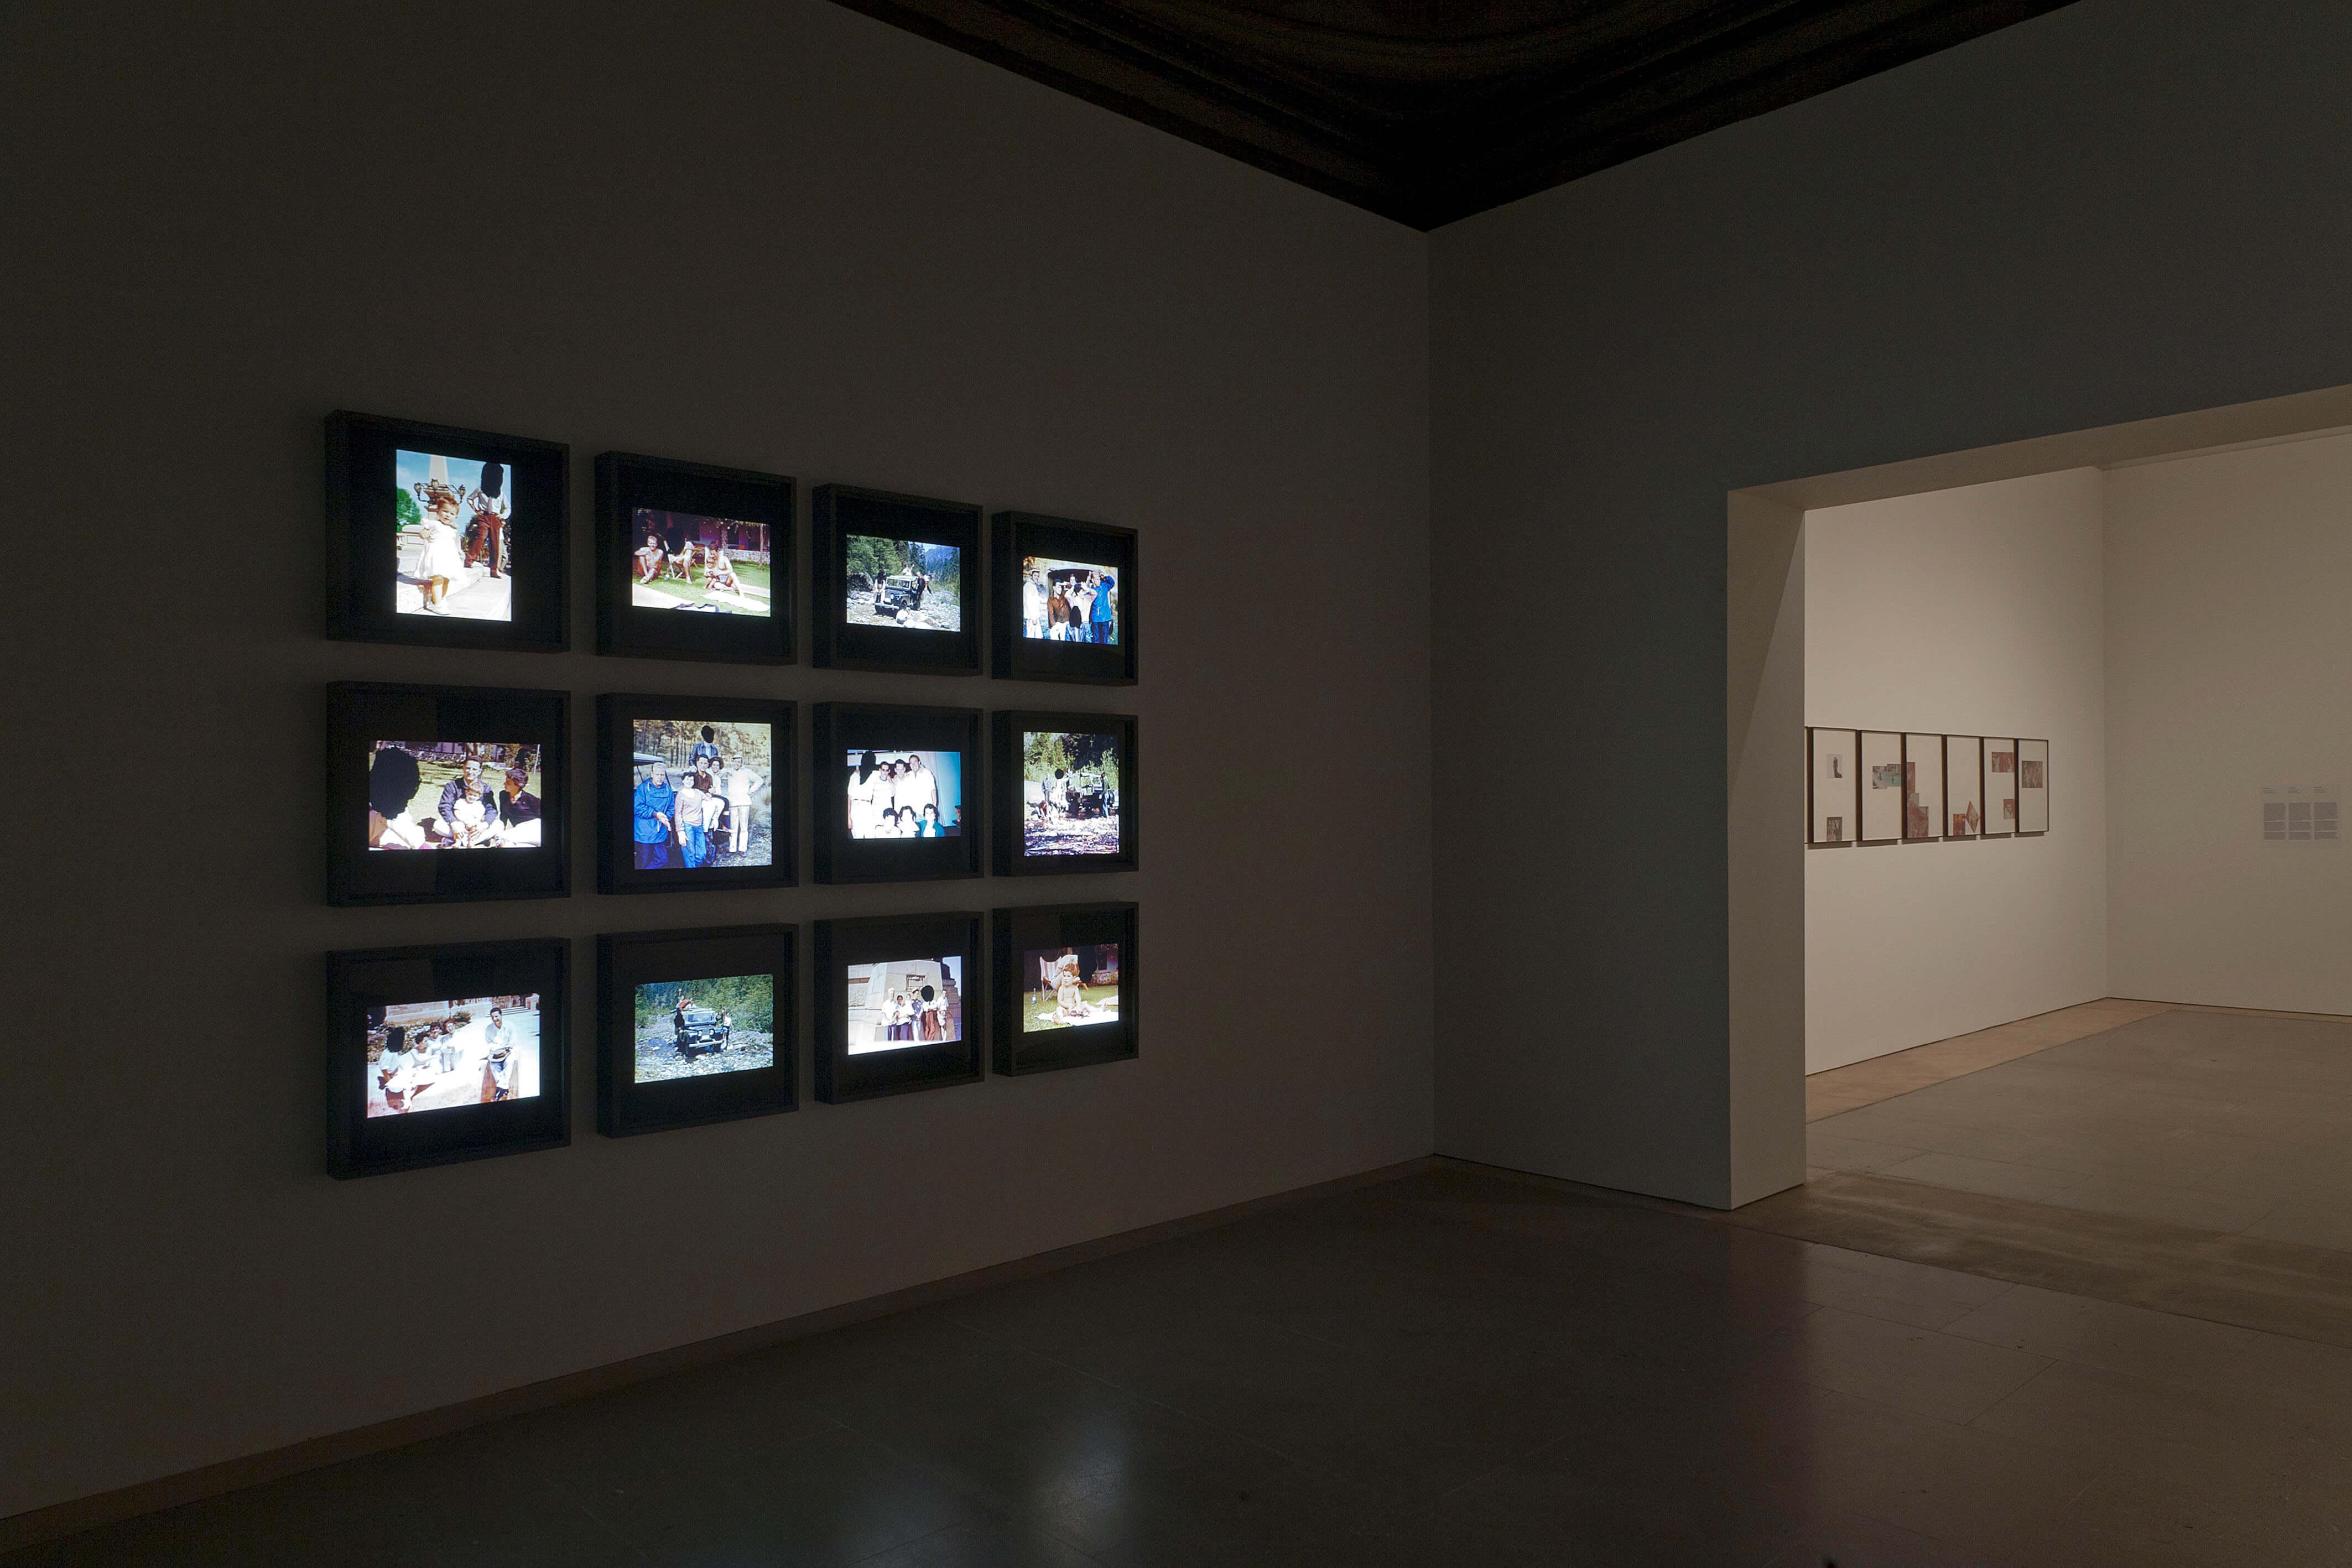 Martín Lunas, 2004 |  | ProjecteSD